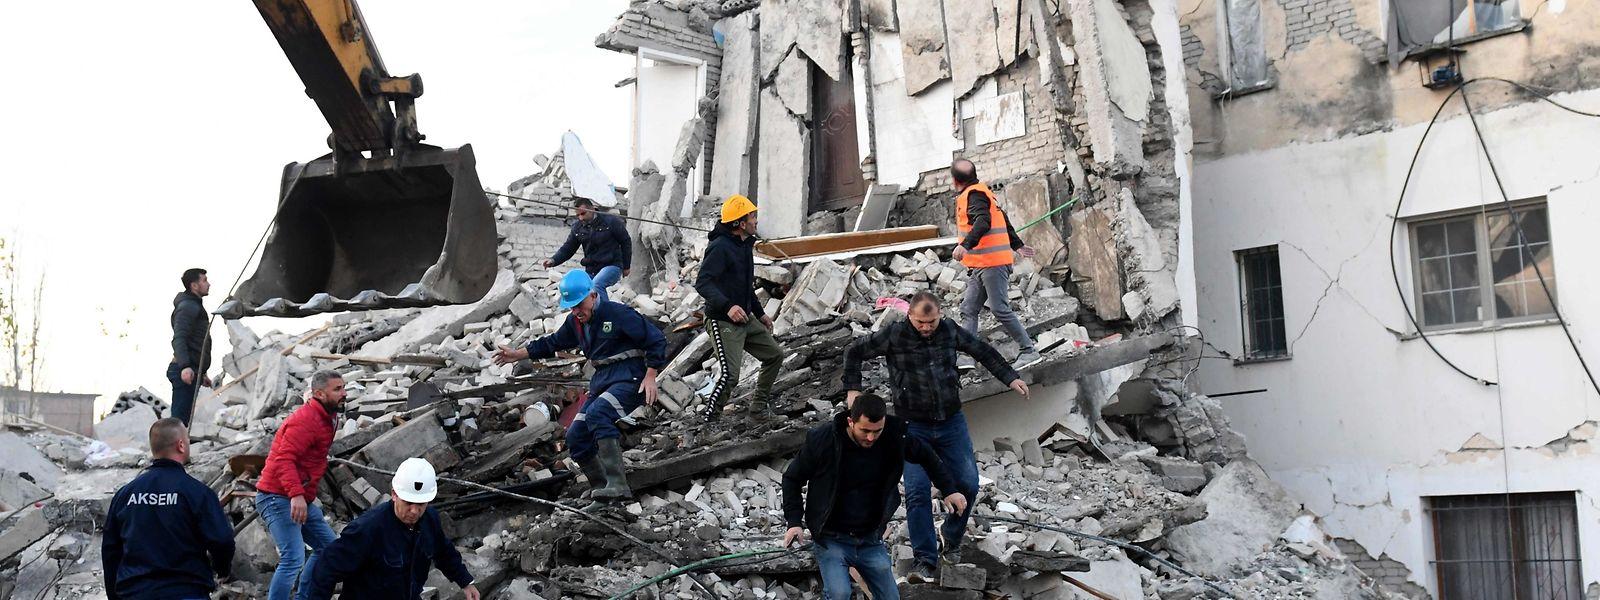 Des dizaines d'Albanais ont succombé suite aux secousses de la semaine dernière, créant une émotion internationale.